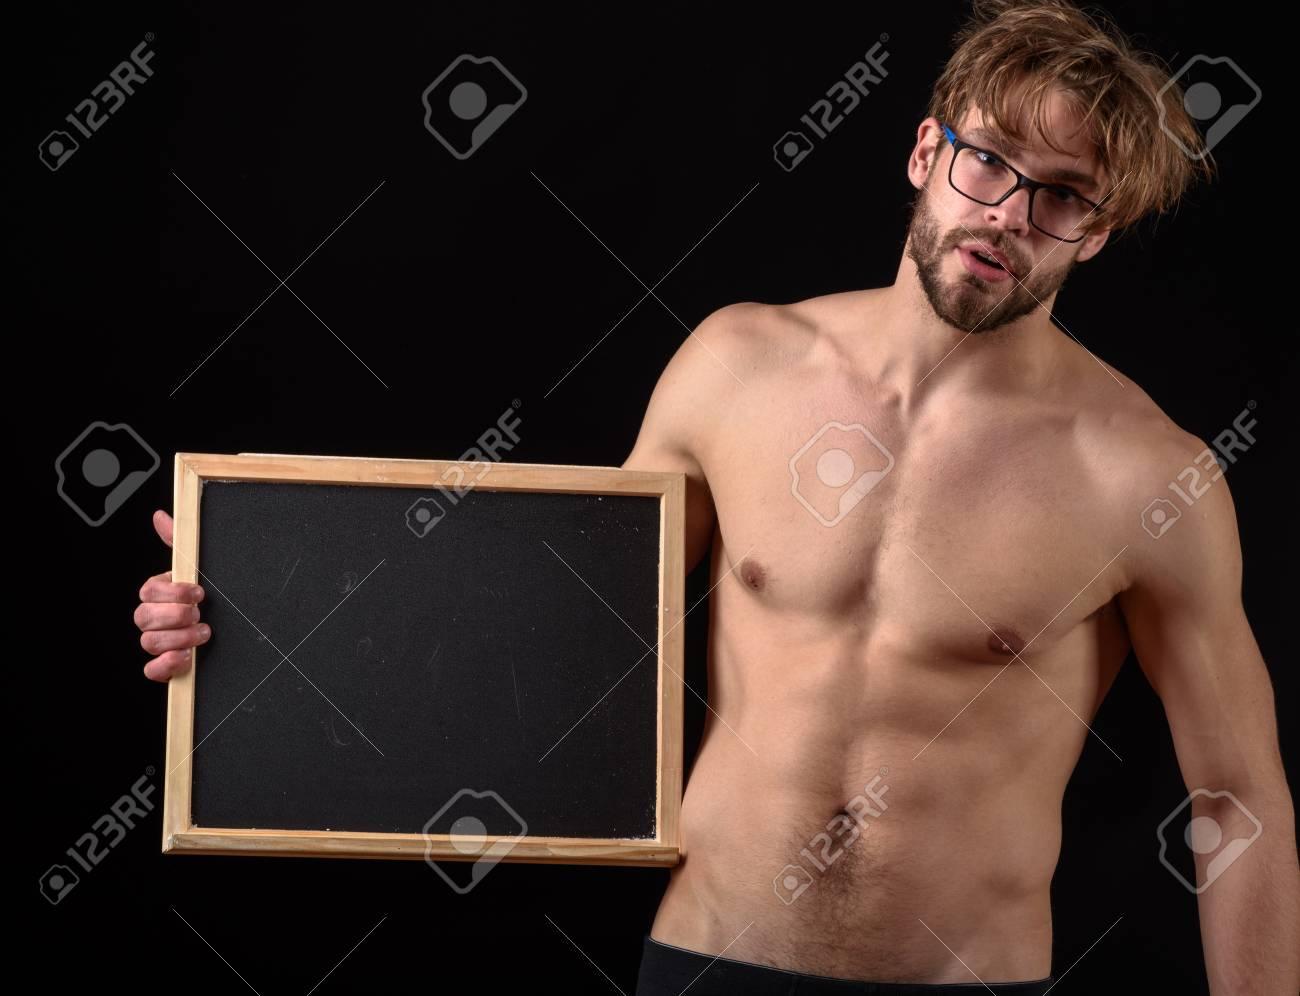 Nude male surfer pornhub